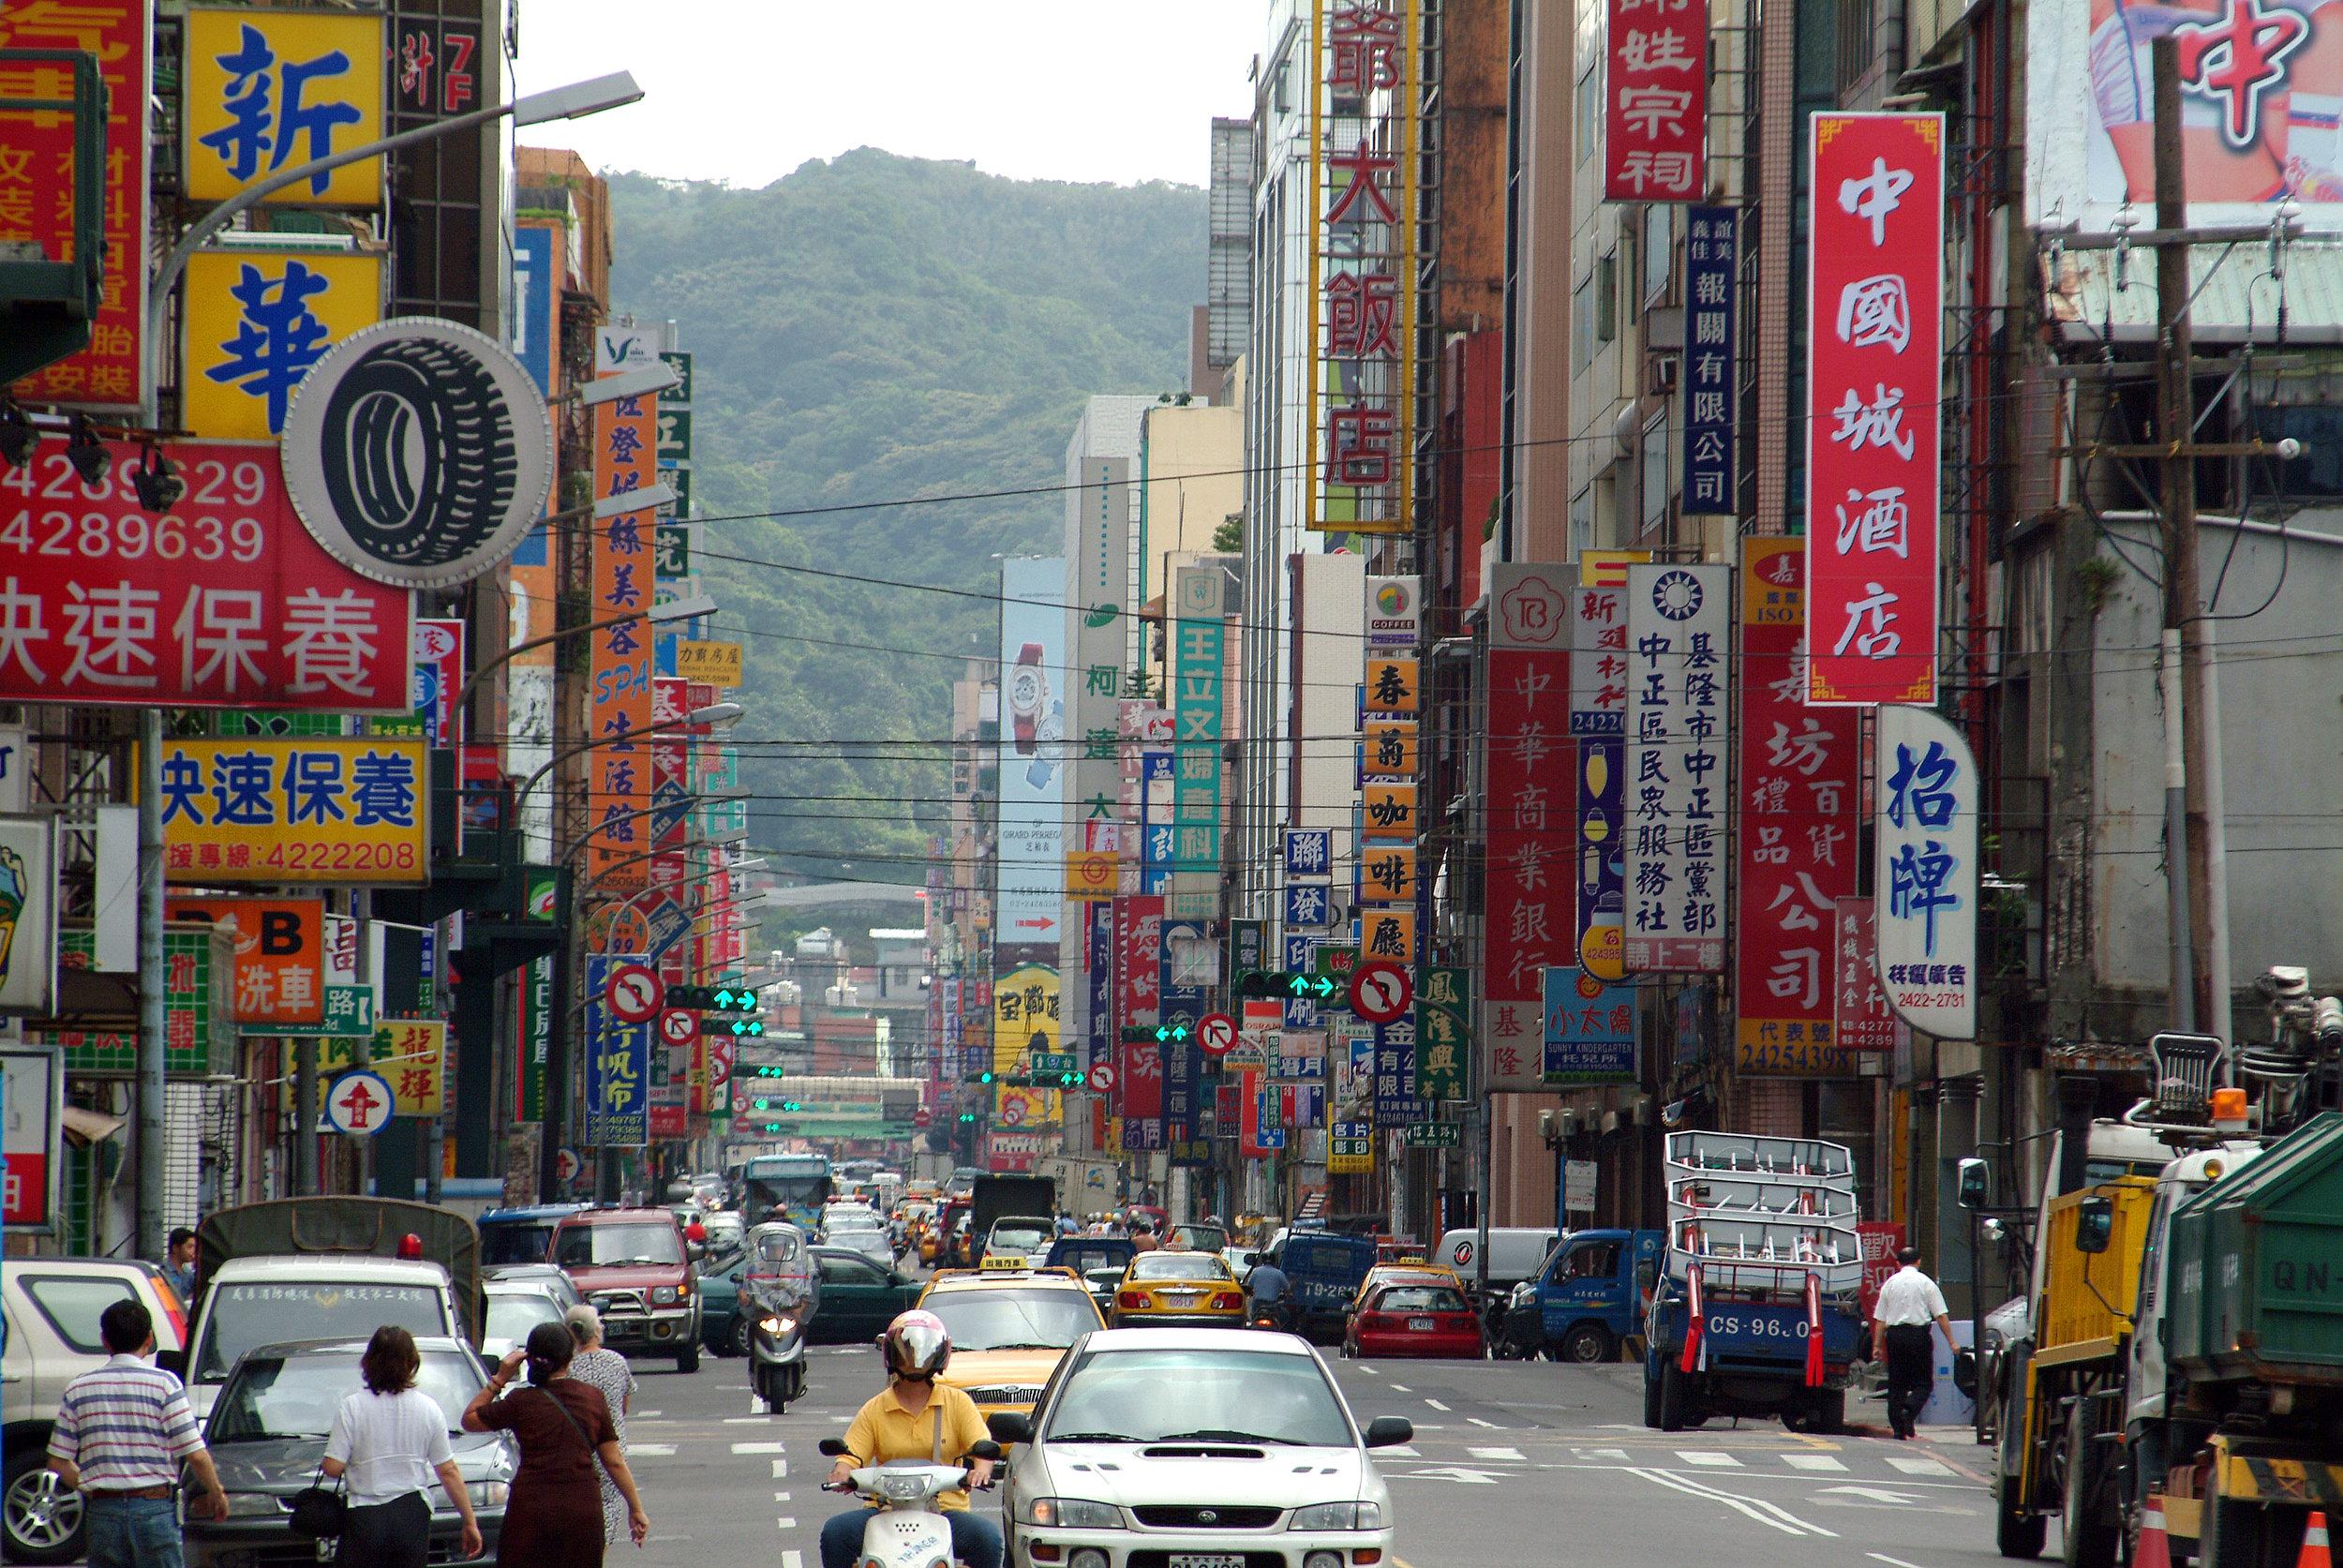 Back in Taipei- Capital of Taiwan.